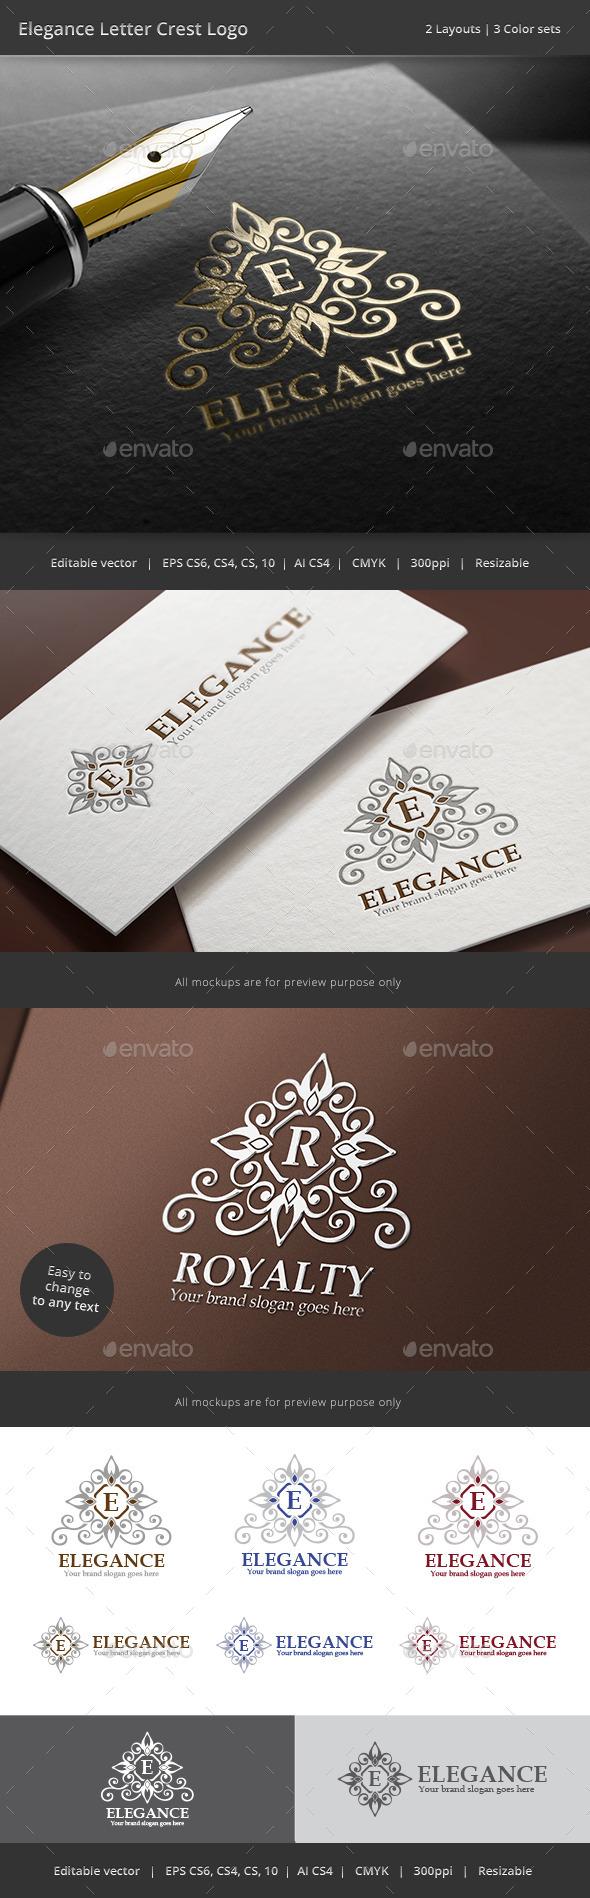 Elegance Letter Crest Logo - Crests Logo Templates